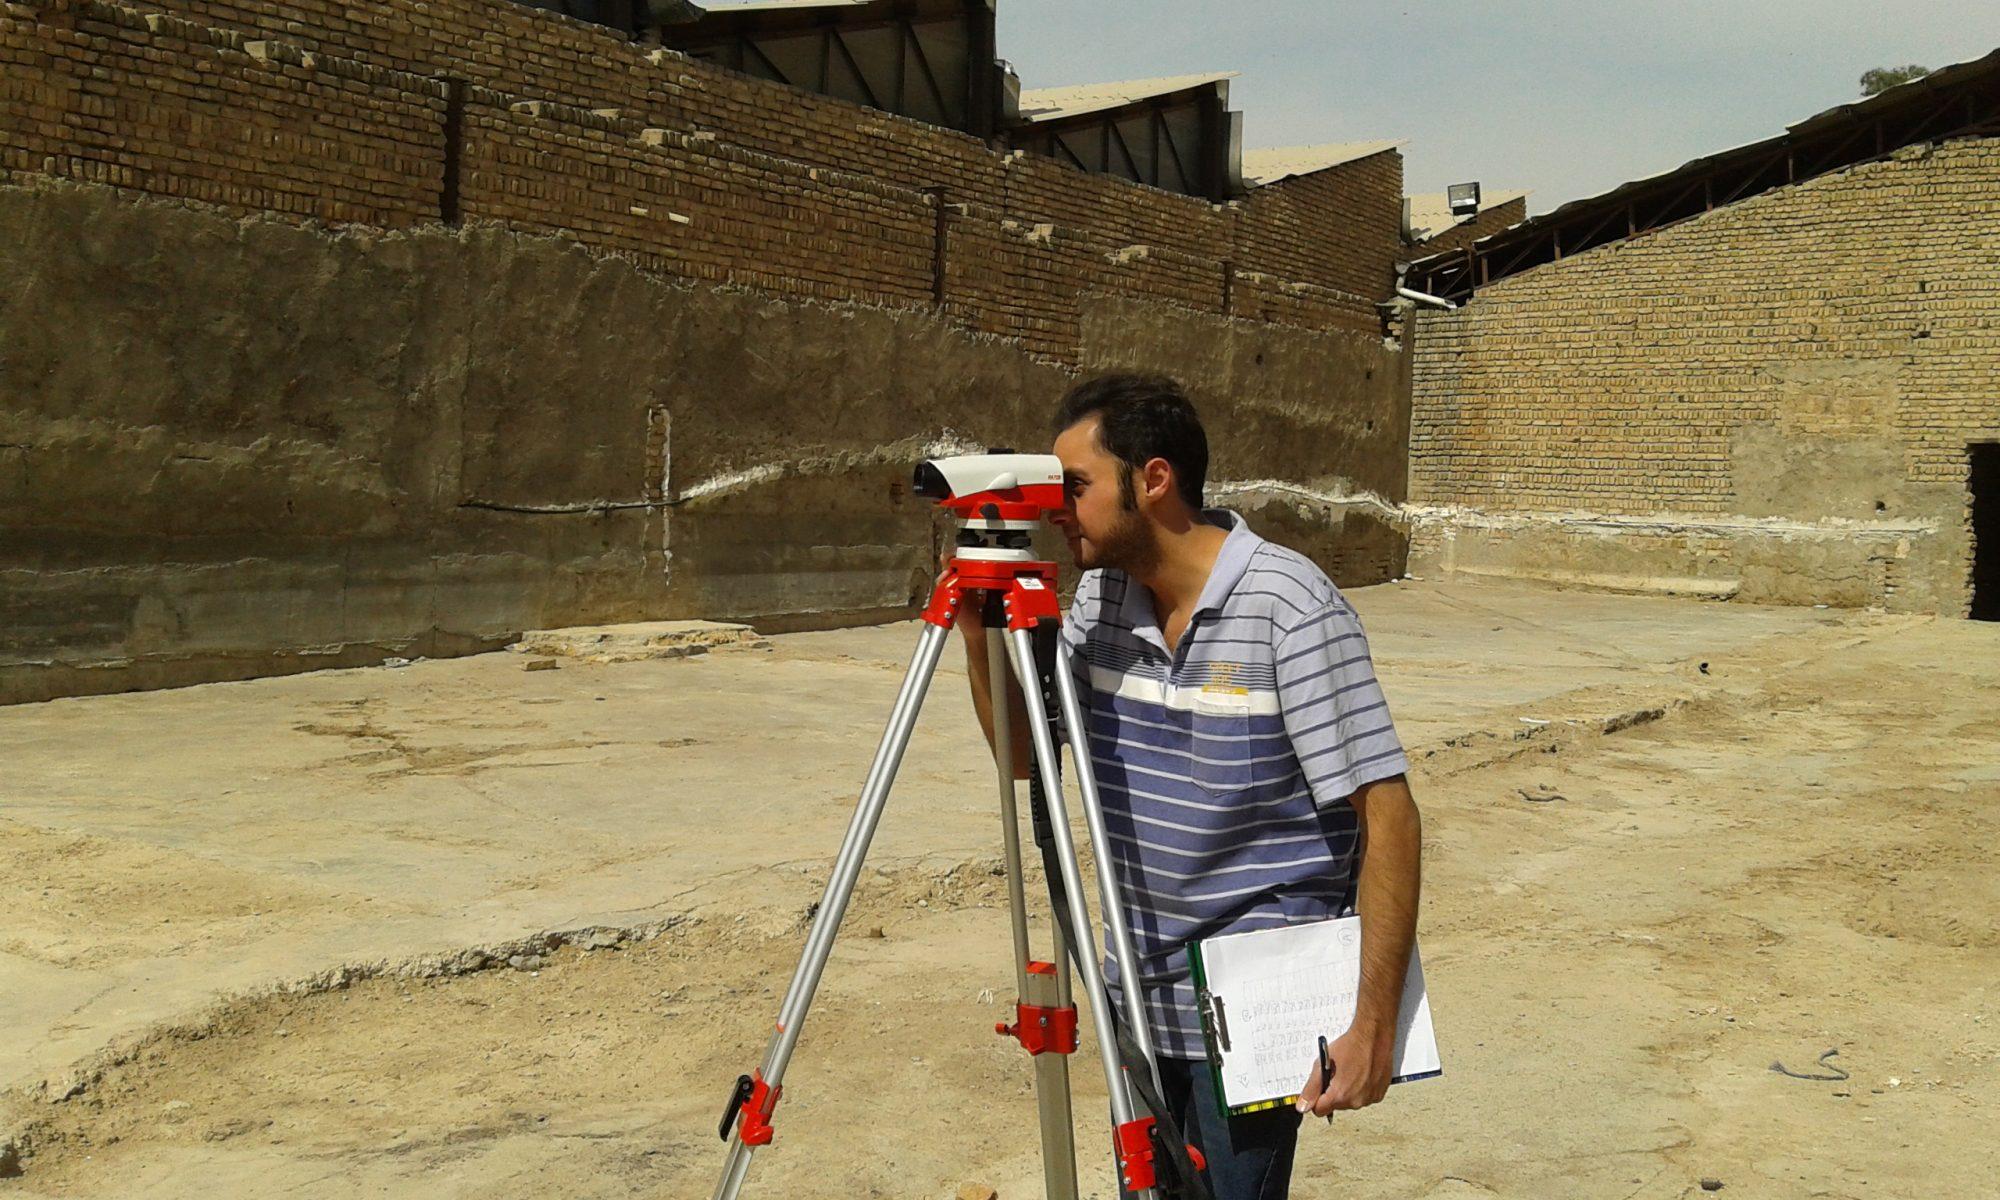 مهندس بابک اسحاقیان متخصص نقشه برداری